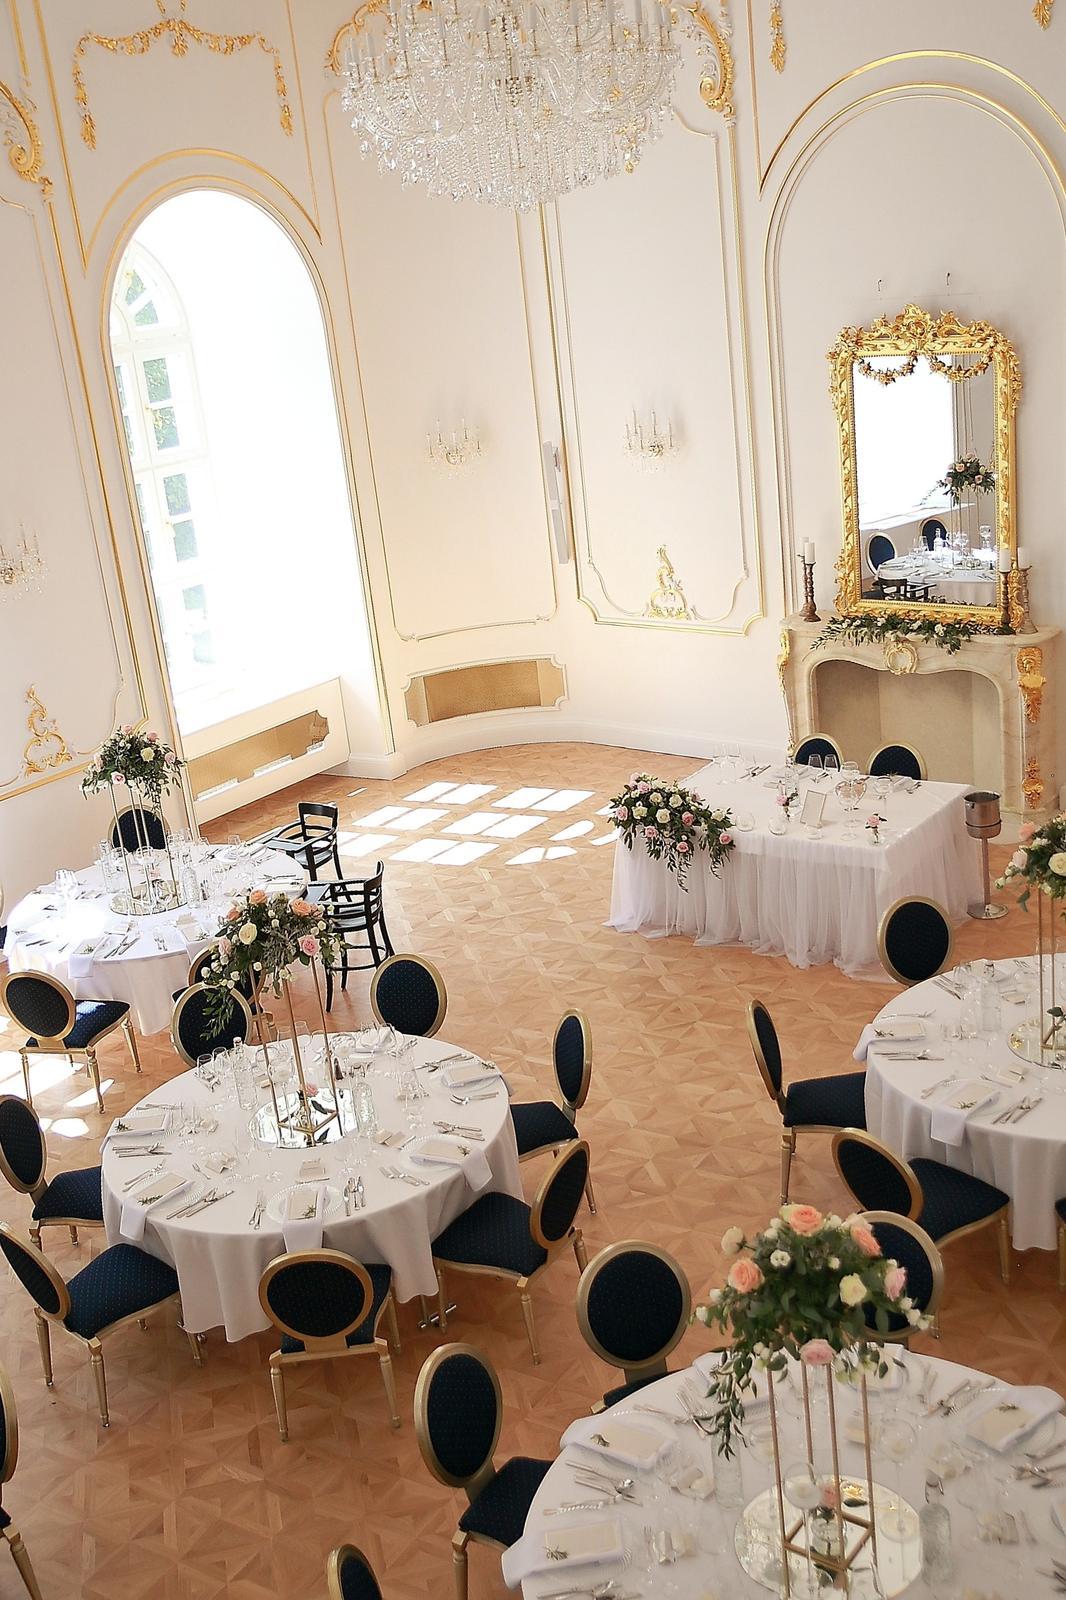 Svadobné dekorácie - požičovňa svadobných dekor. - Obrázok č. 12